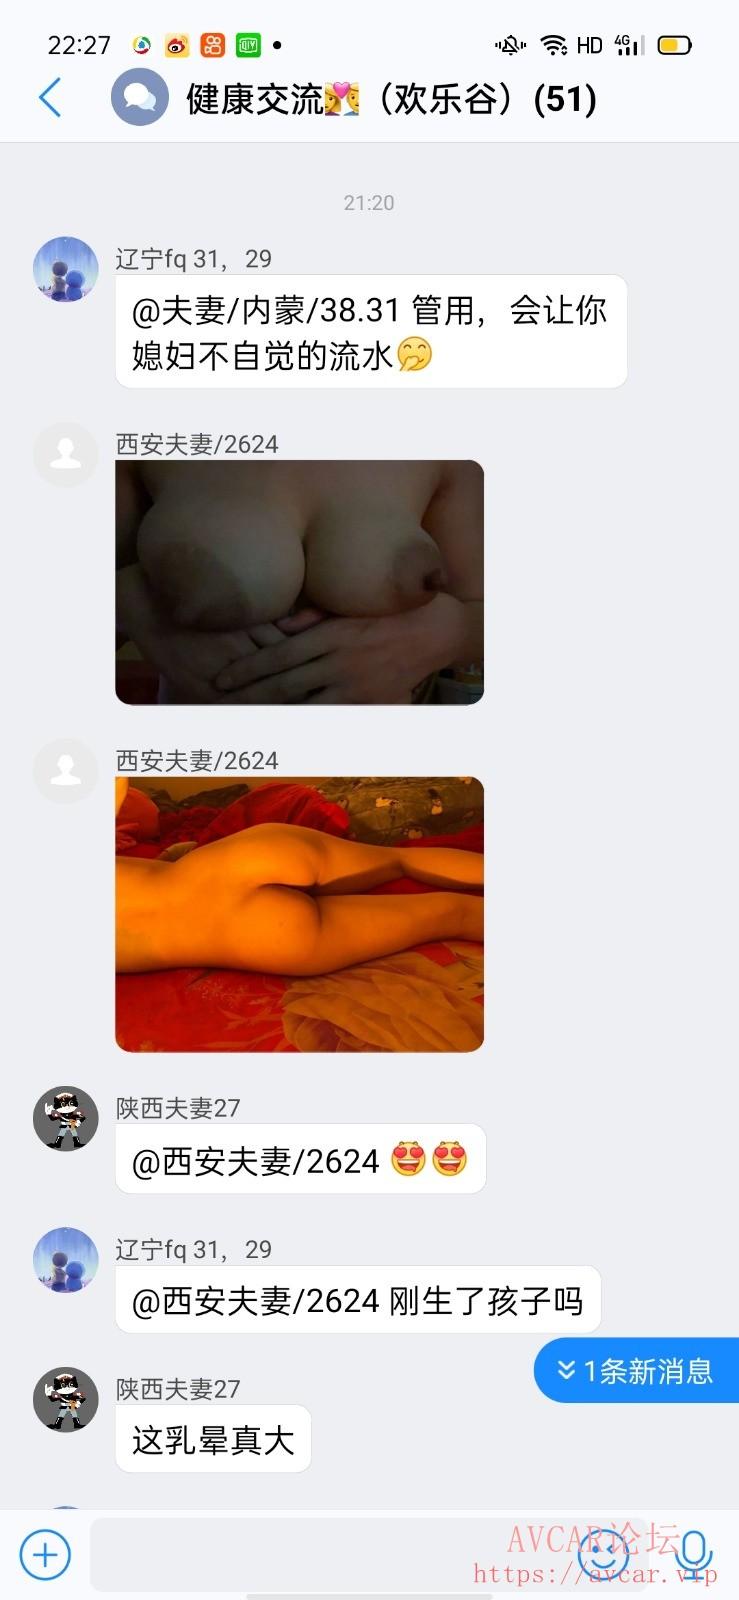 Screenshot_2021-09-14-22-27-10-91_a1f0505d47ea06a242599b7c8b7cdd19.jpg